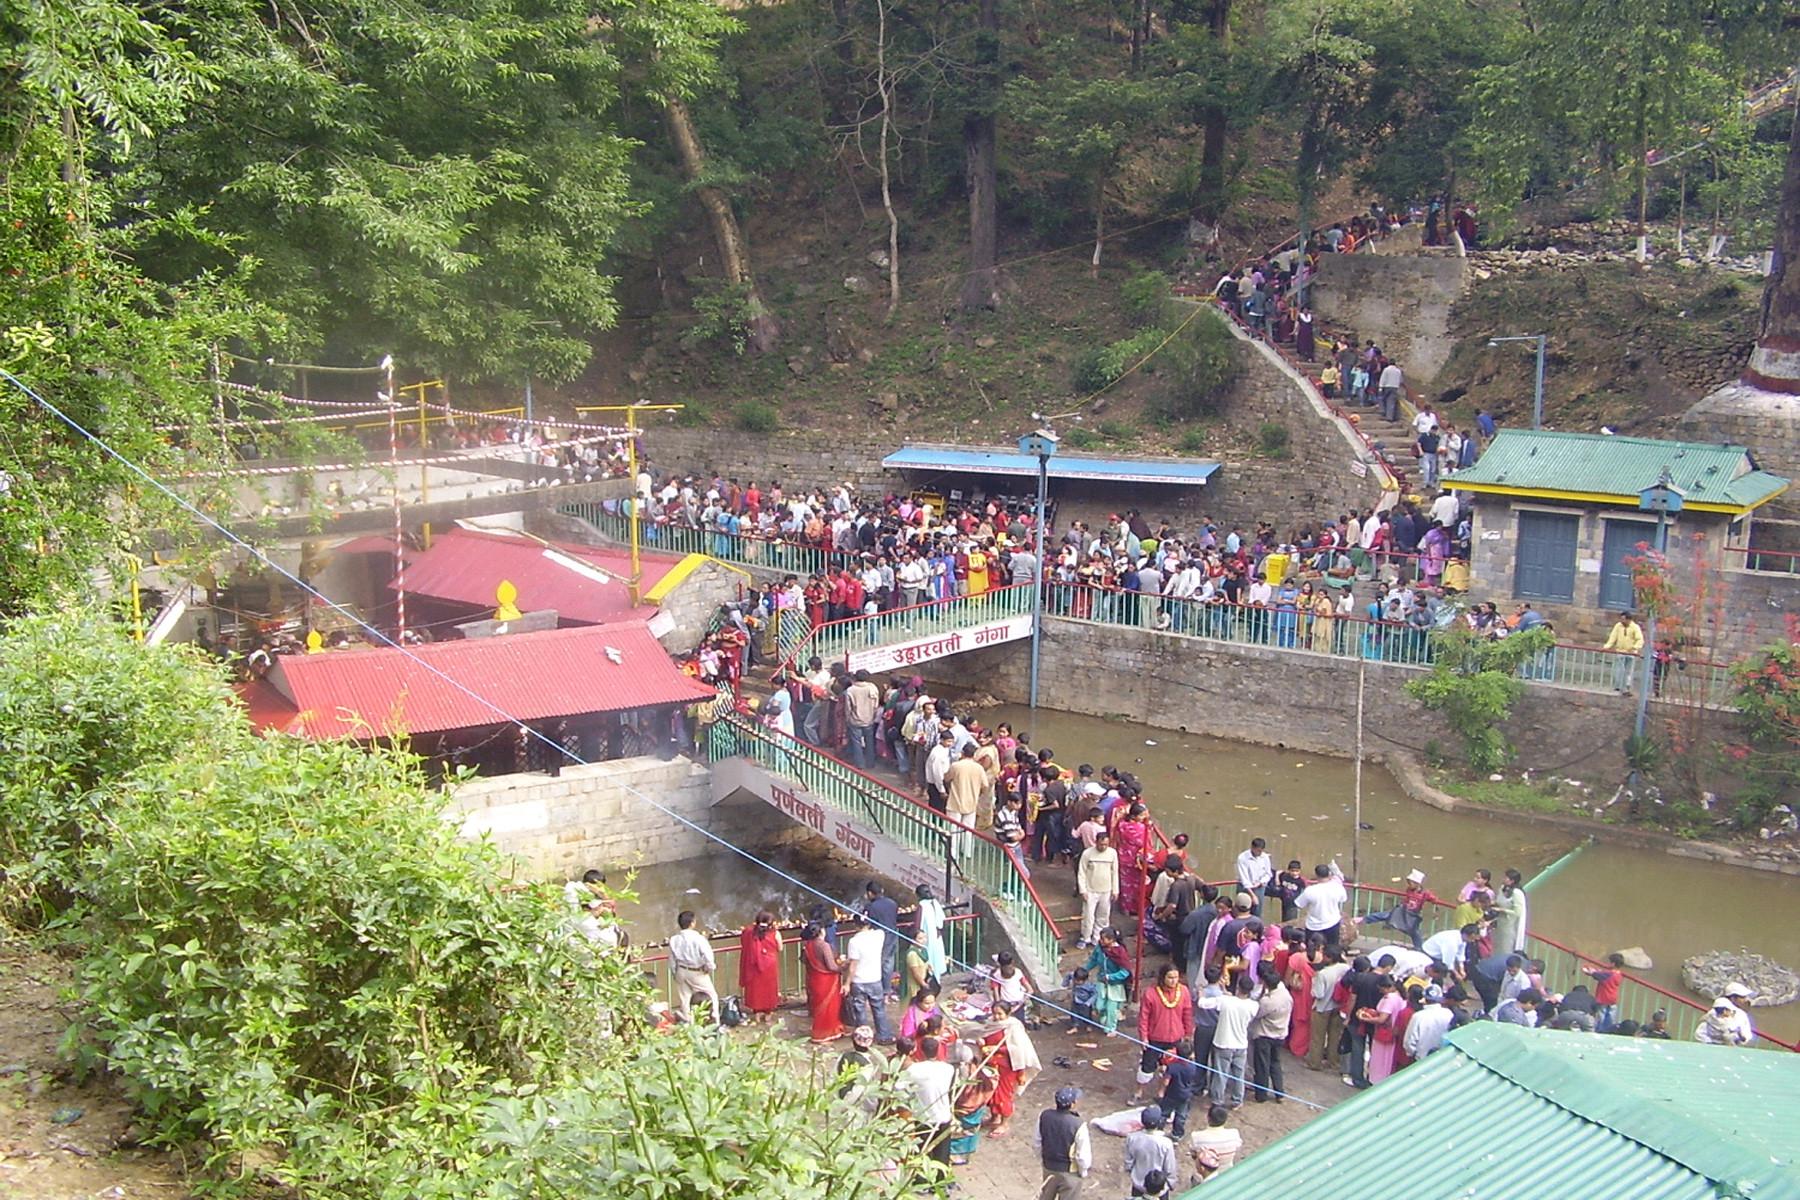 धर्मकर्म संगै घुमघाम , किर्तिपुरमा अवस्थित दक्षिणकाली जाम !